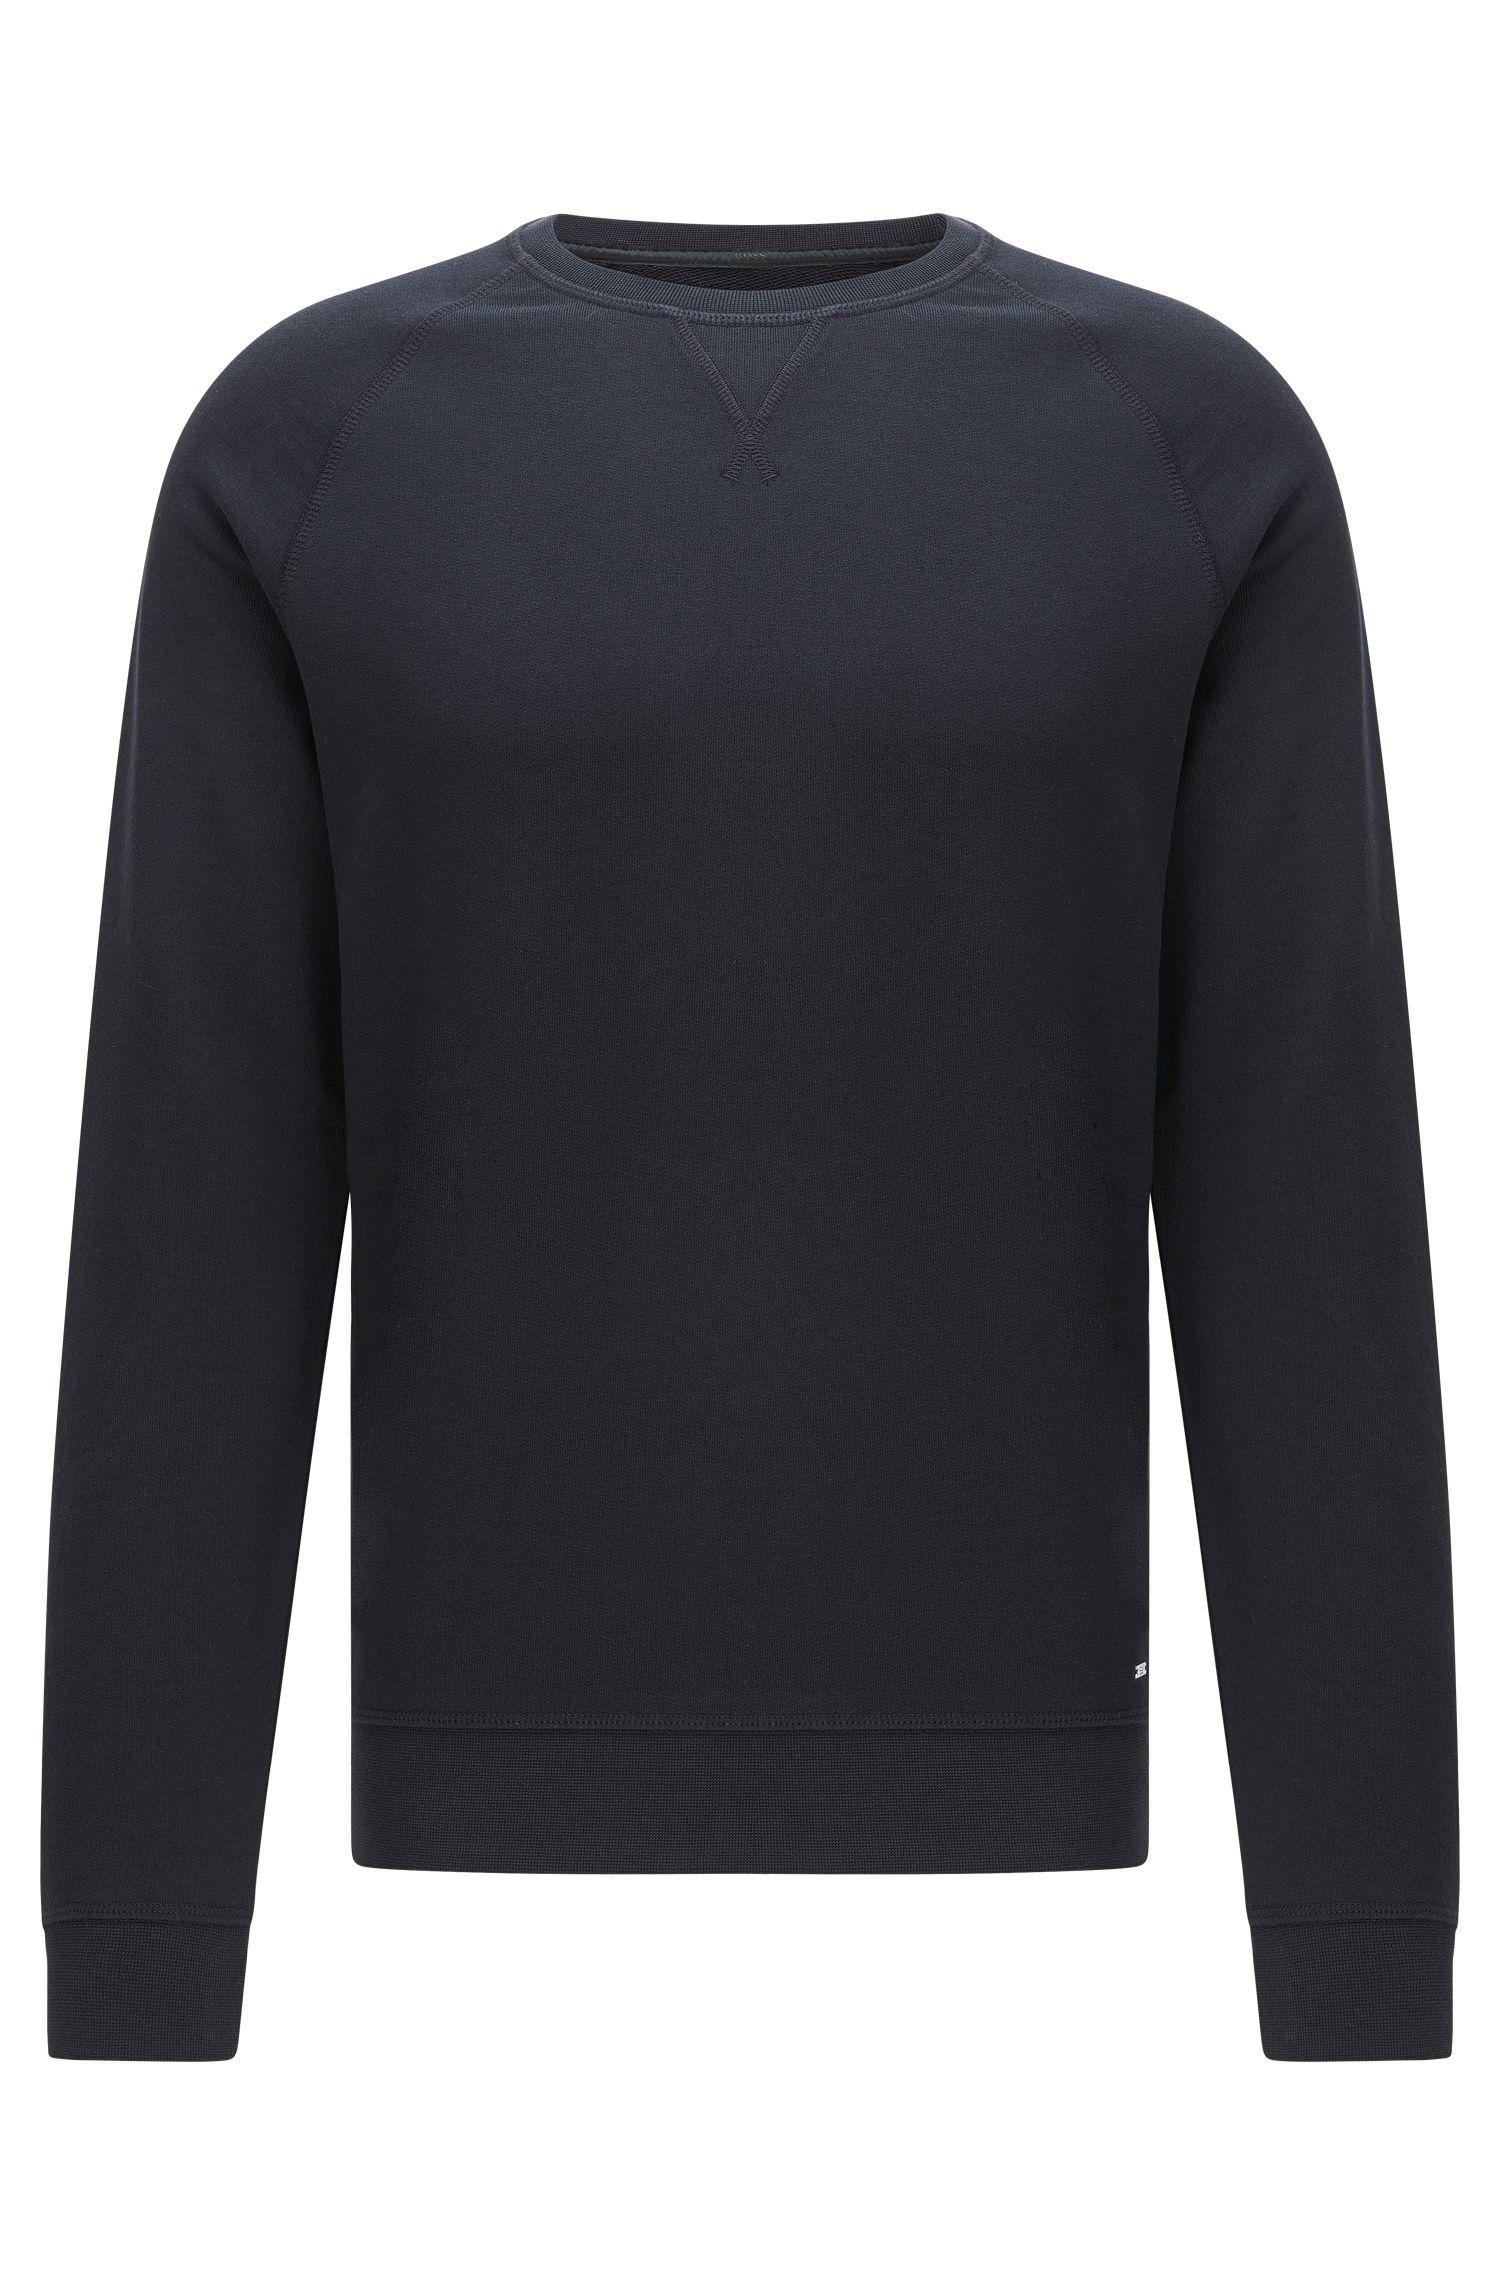 Mottled slim-fit sweatshirt in cotton with raglan sleeves: 'Skubic 18-WS'